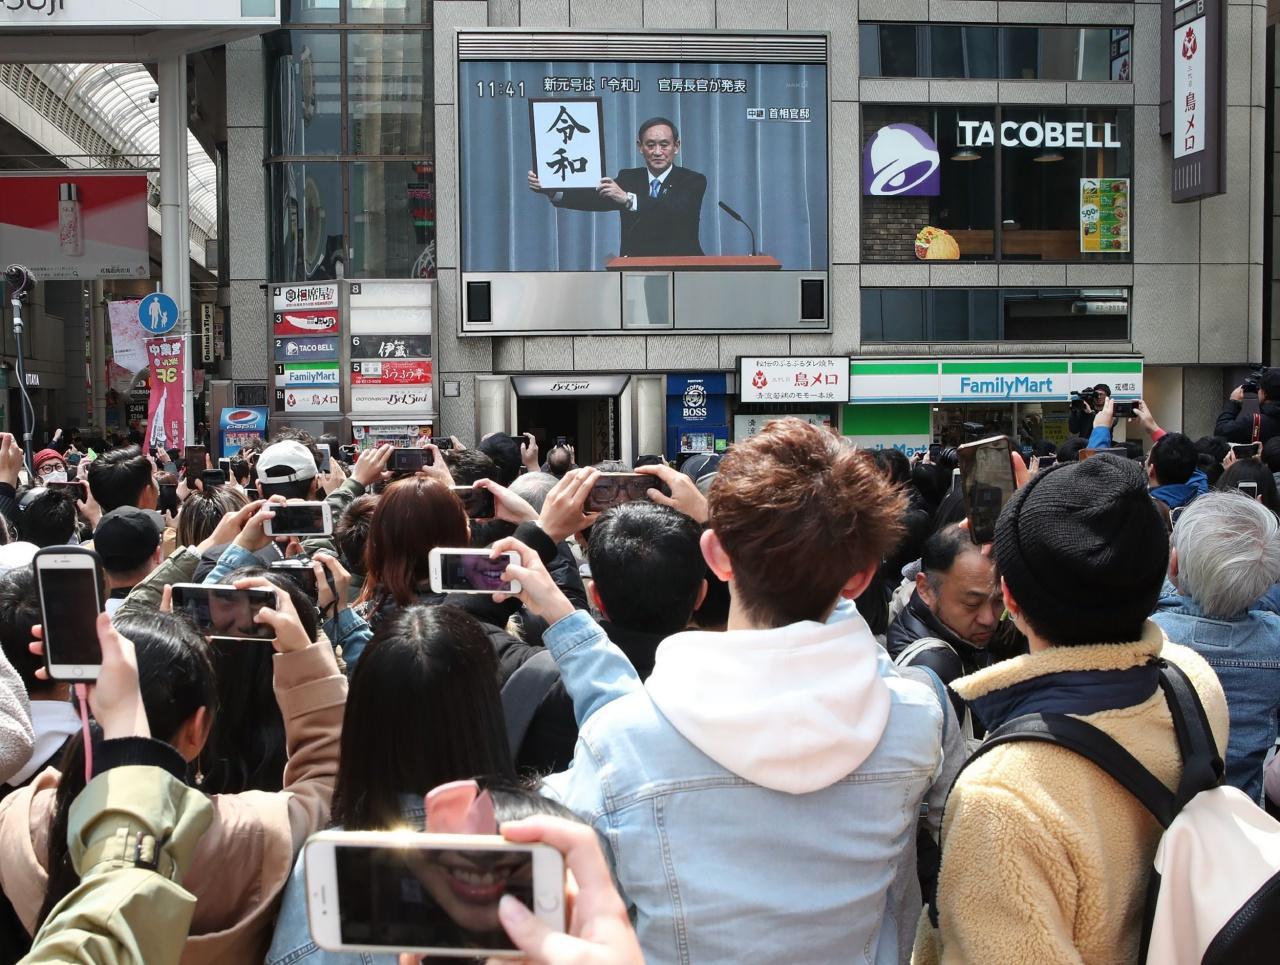 ชาวญี่ปุ่นรีบหยิบมือถือขึ้นถ่ายภาพเหตุการณ์สำคัญในประวัติศาสตร์ เลขาฯรัฐบาลประกาศชื่อรัชสมัยใหม่ ที่จะเริ่มใช้ในวันที่ 1พ.ค.62